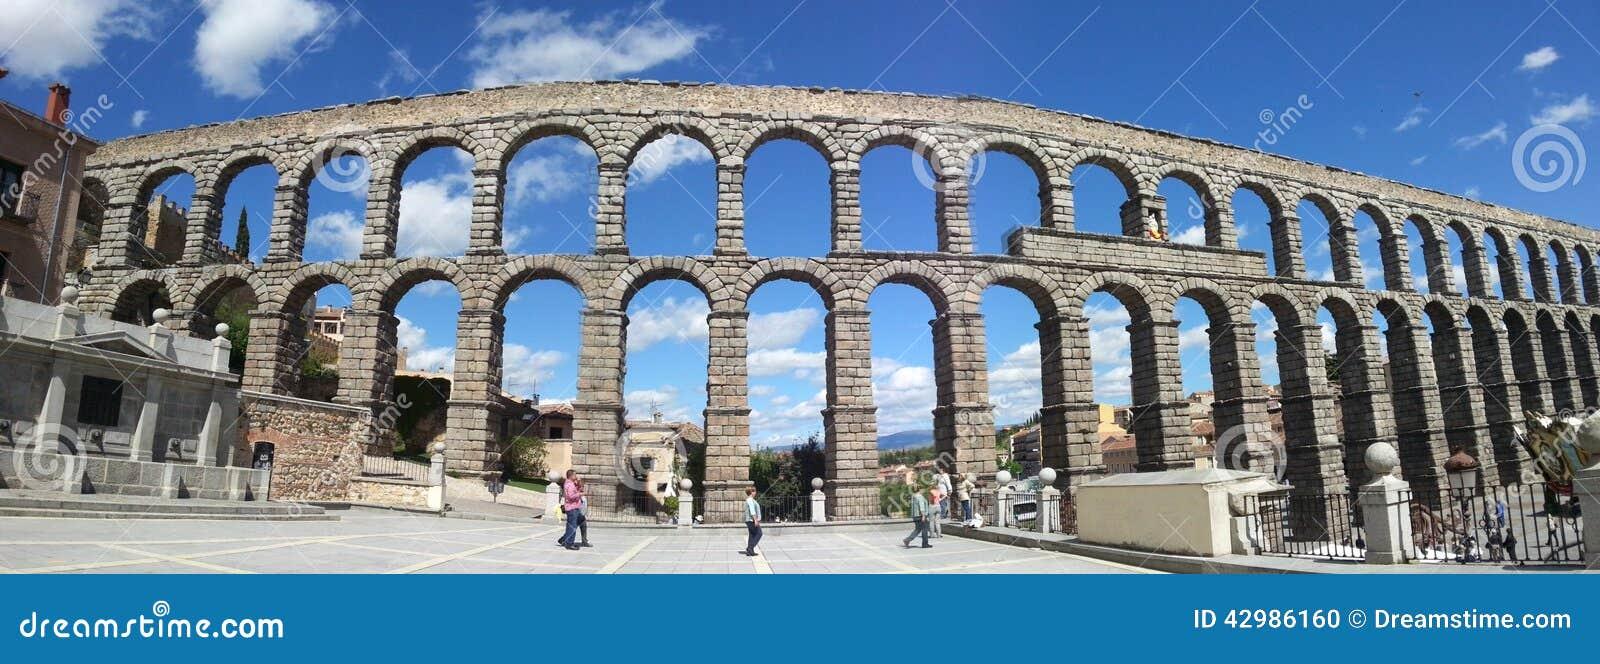 Aquedotto a Segovia Spagna